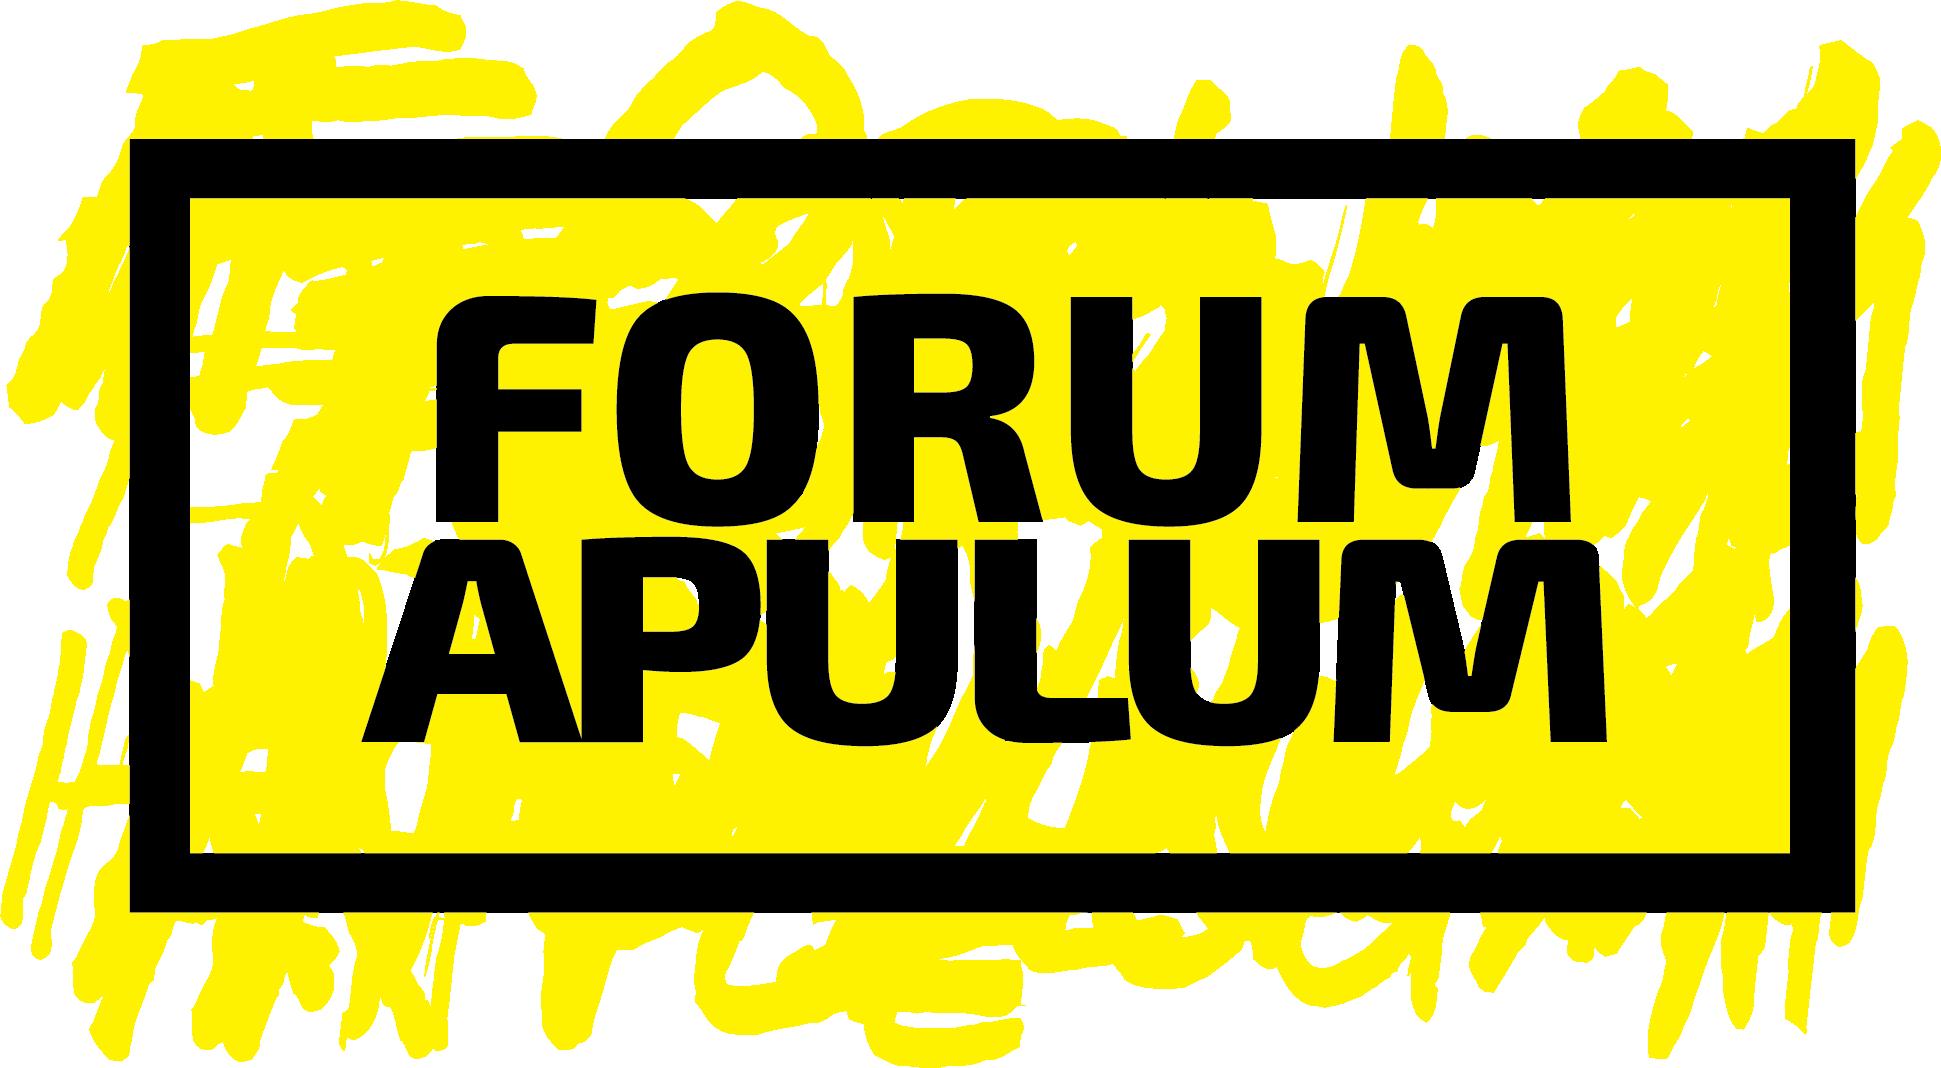 sigla forum